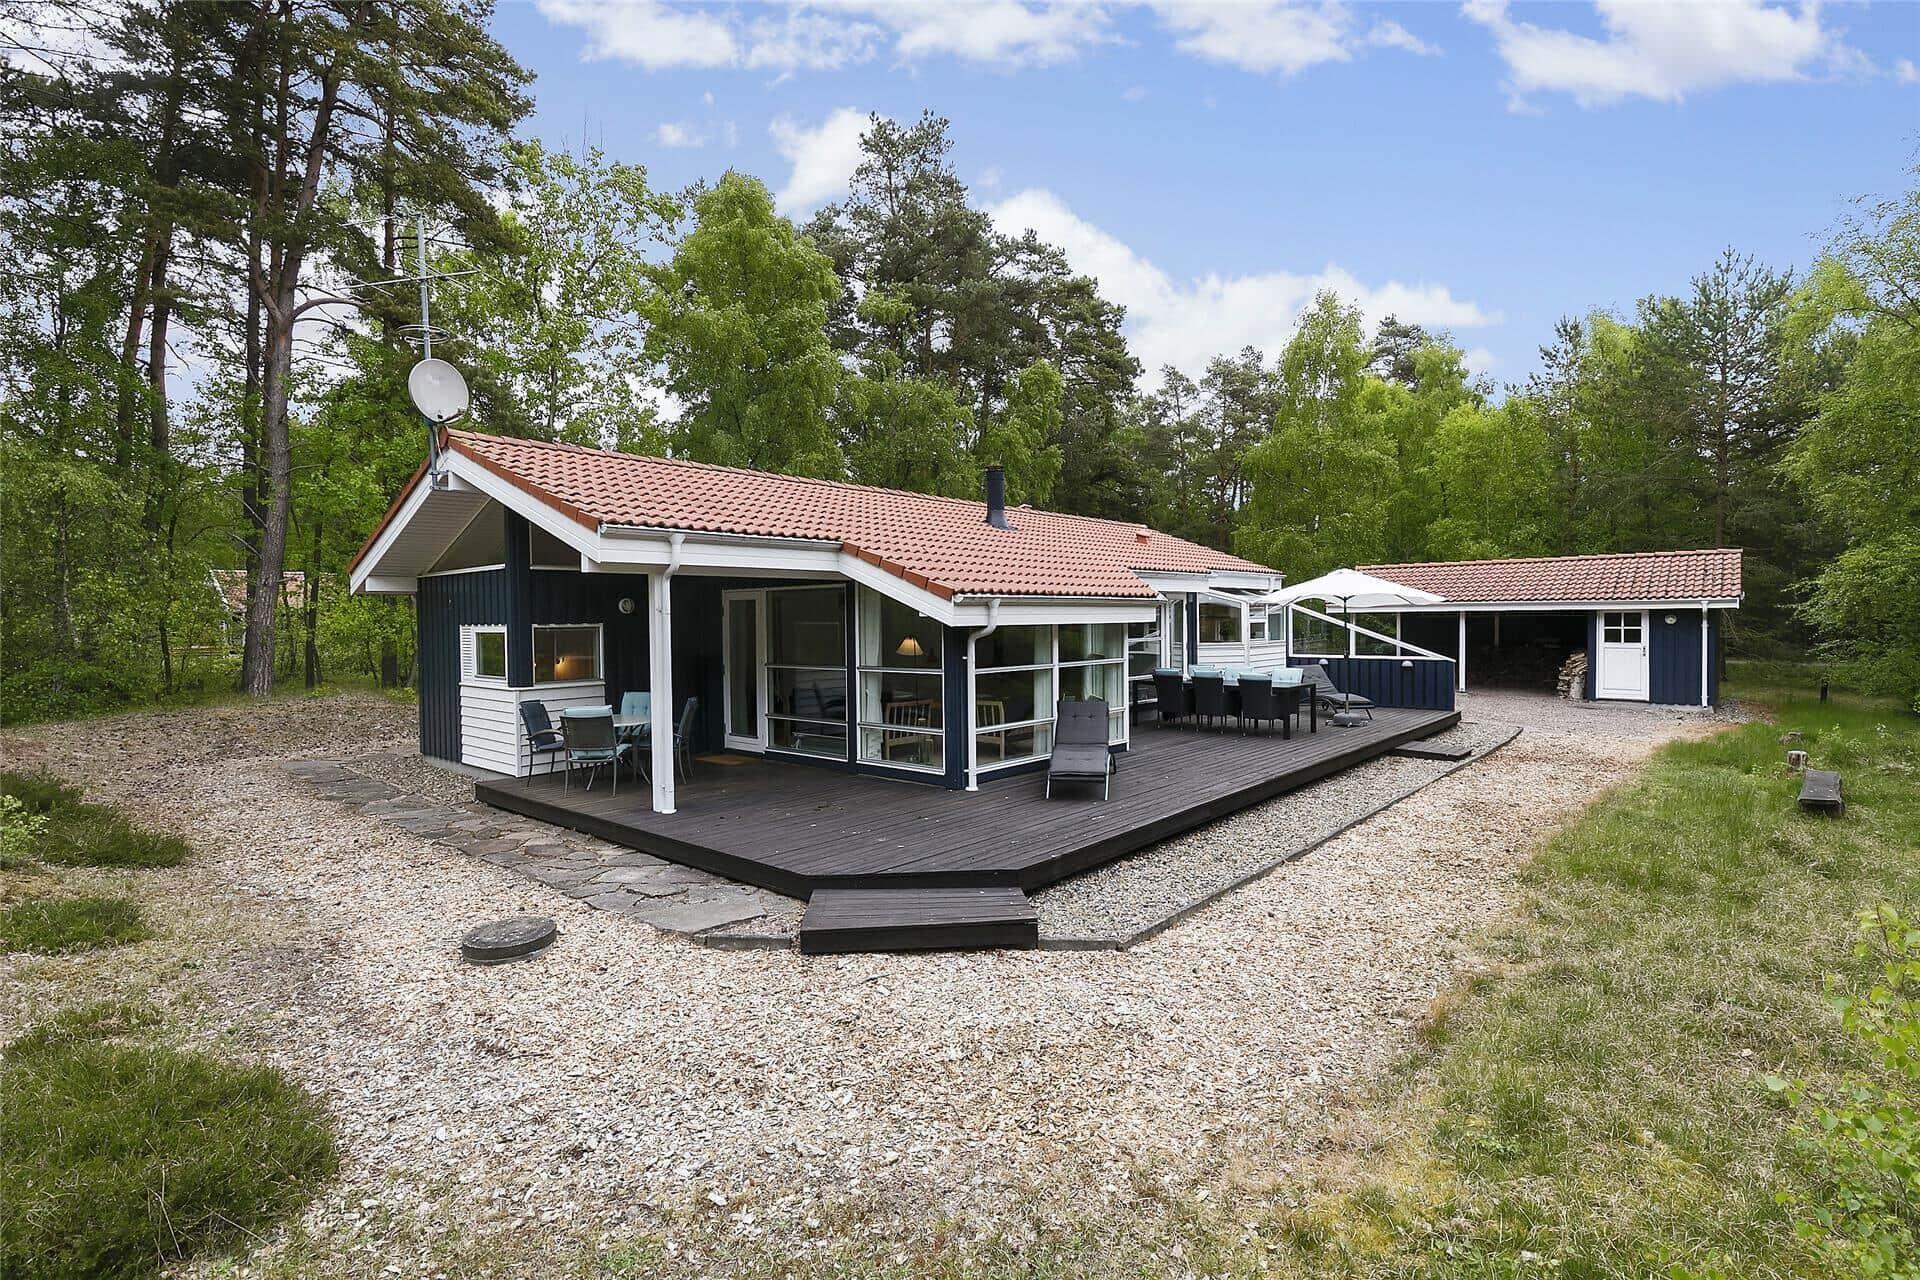 Billede 1-10 Sommerhus 2629, Munkegårdsskoven 28, DK - 3730 Nexø